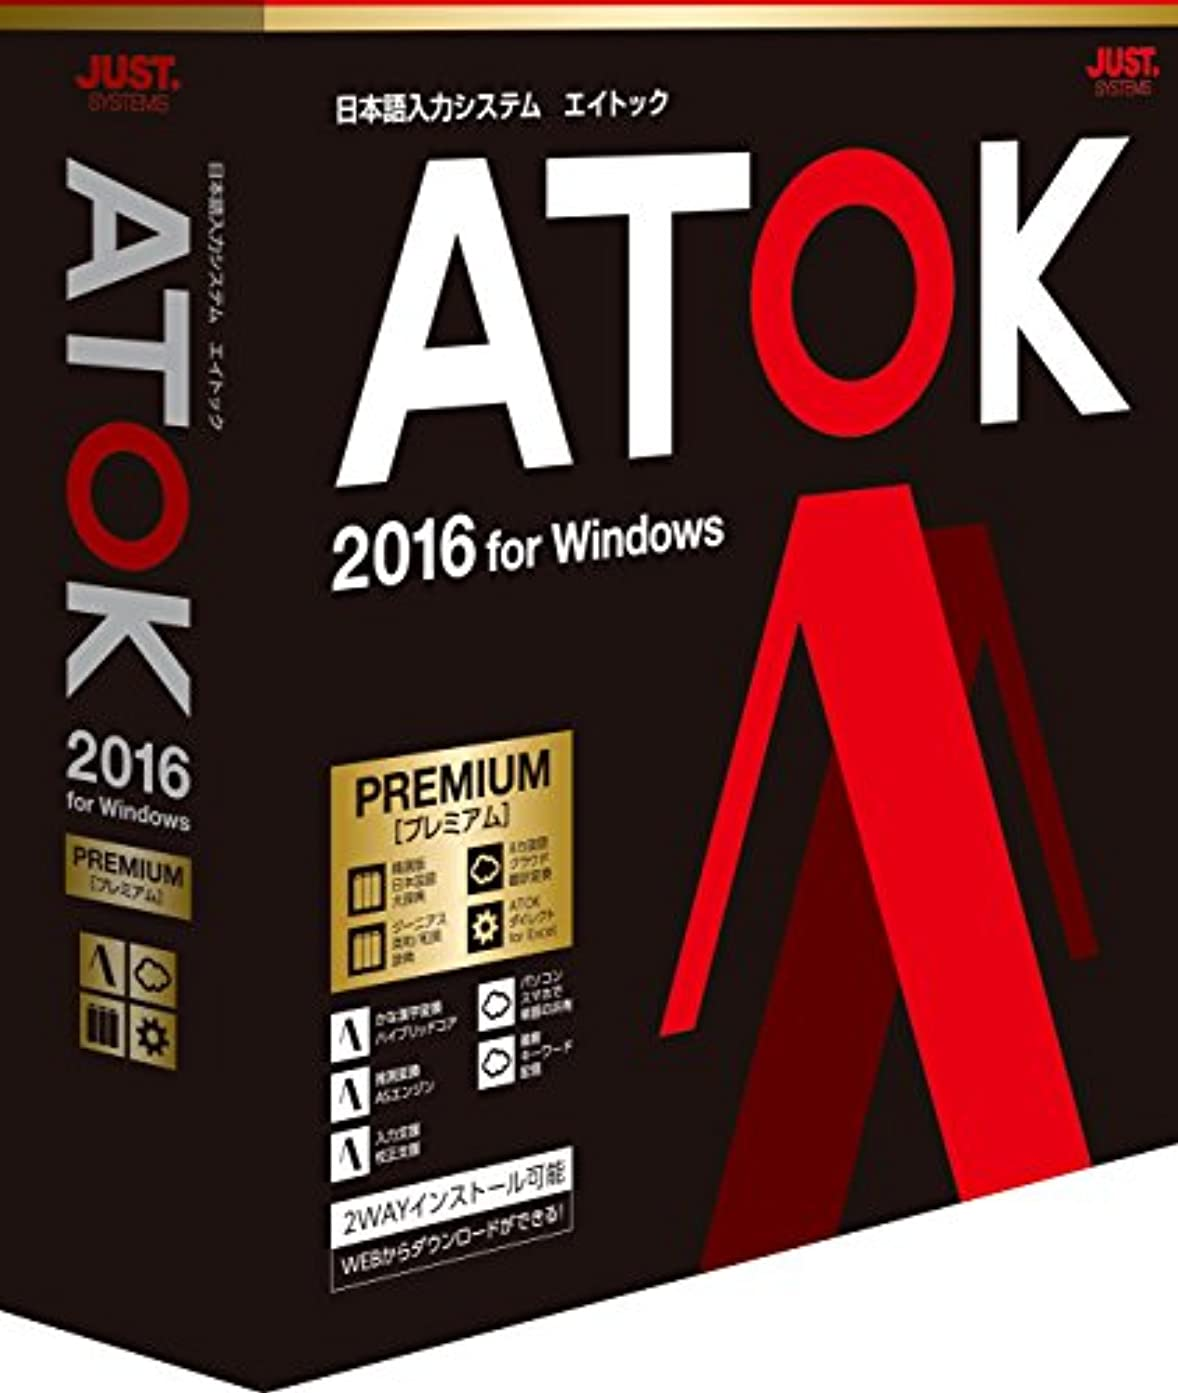 時刻表遺伝子内訳ATOK 2016 for Windows [プレミアム] 通常版